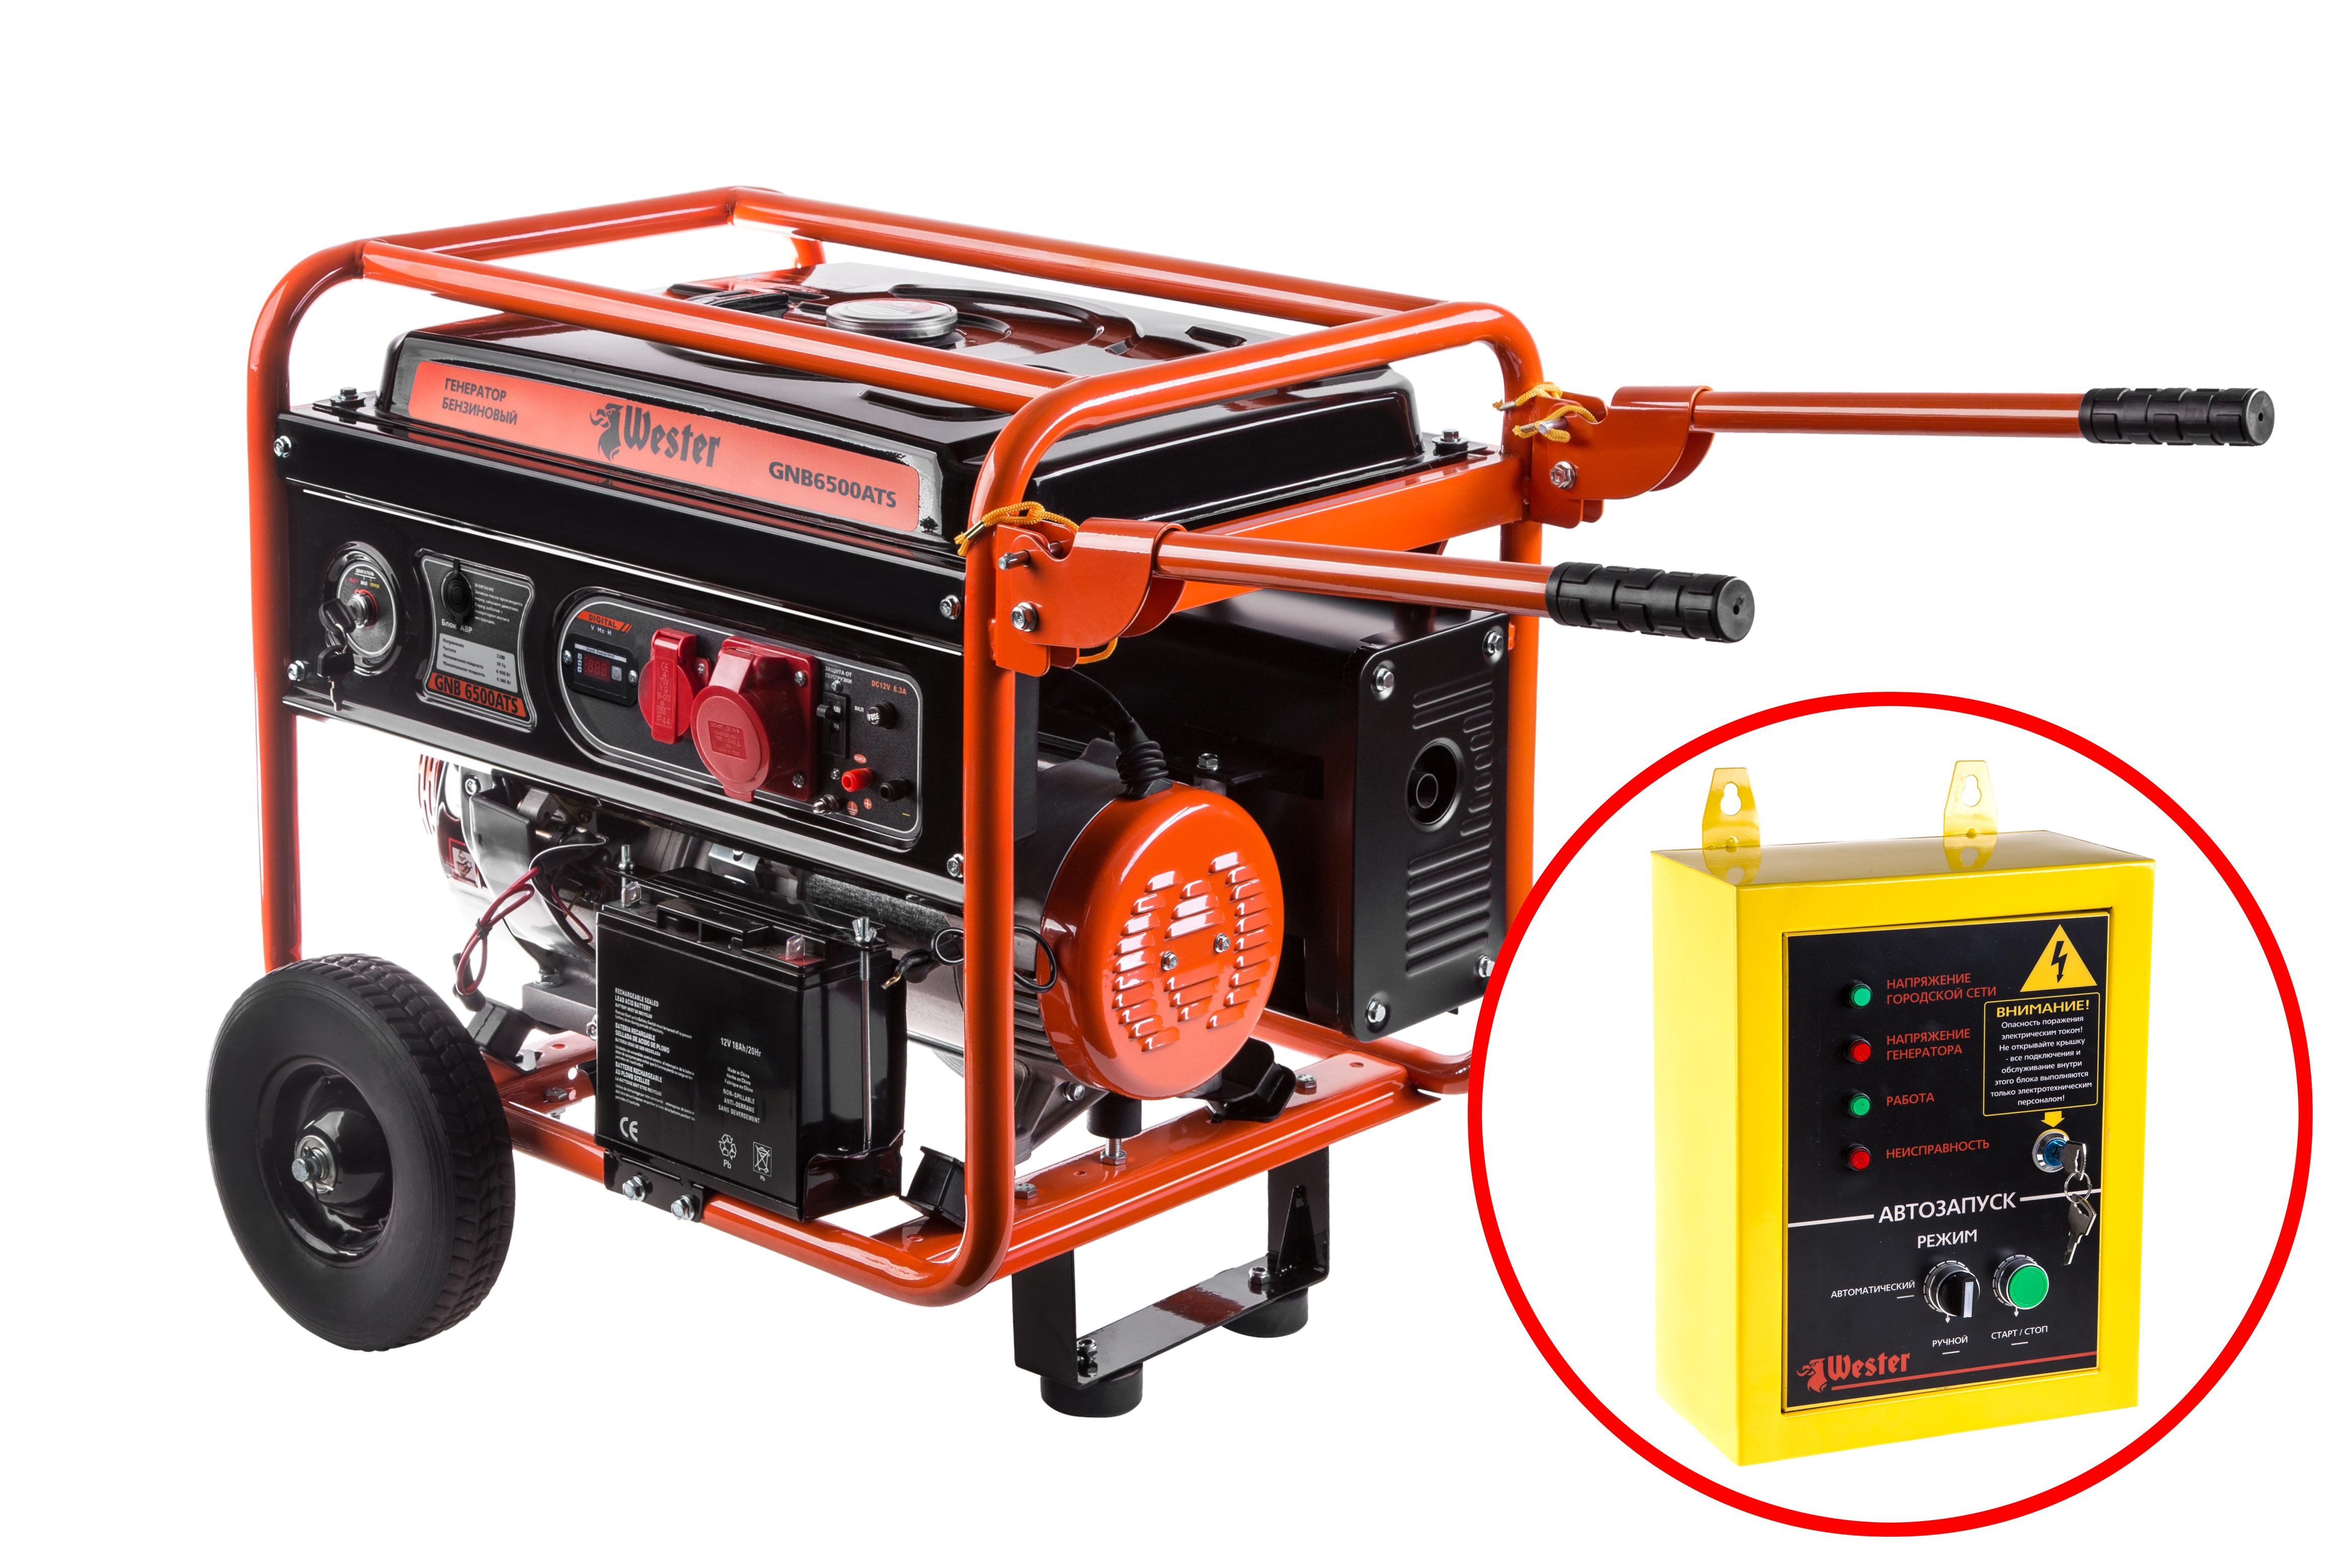 Бензиновый генератор Wester Gnb6500ats расширительный бак wester wrv8